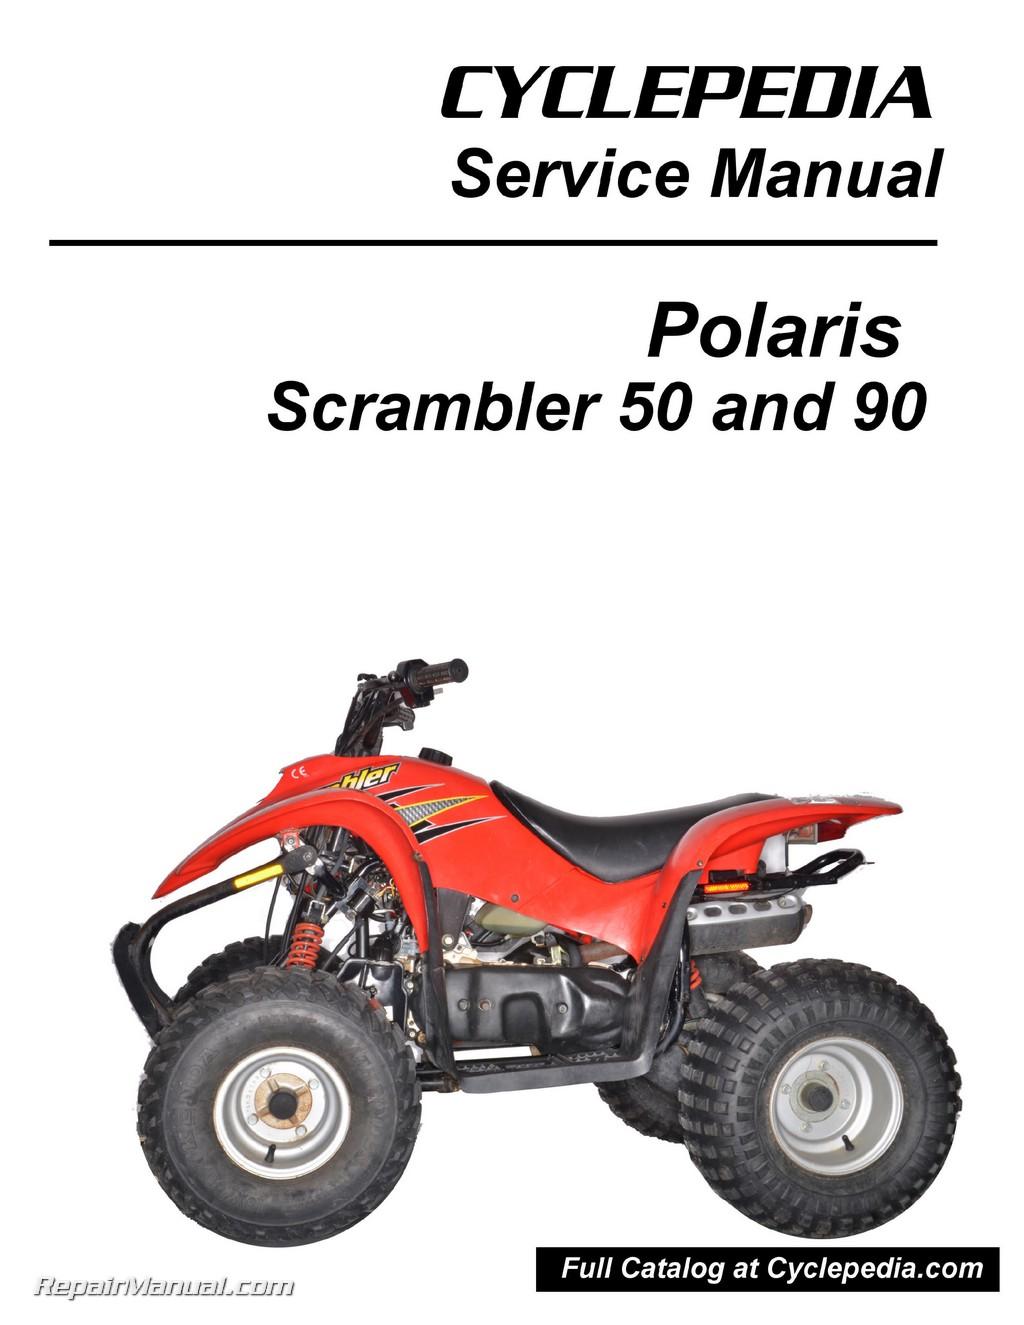 Migomag manuals ebook array 2001 polaris 325 425 xpedition atv repair manual download ebook rh 2001 polaris 325 fandeluxe Choice Image